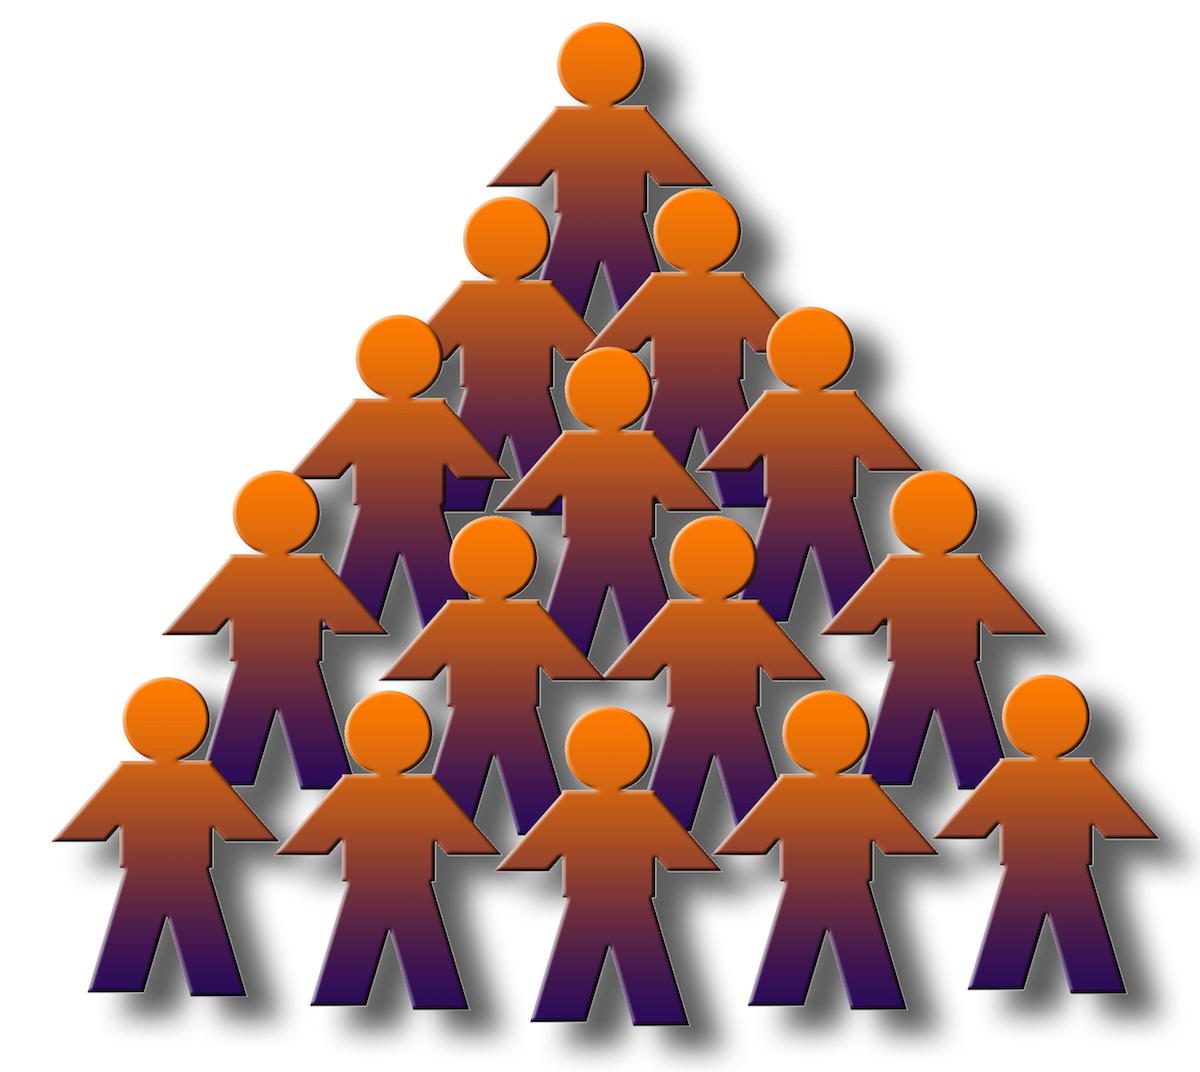 Иерархия есть в любом объединении людей